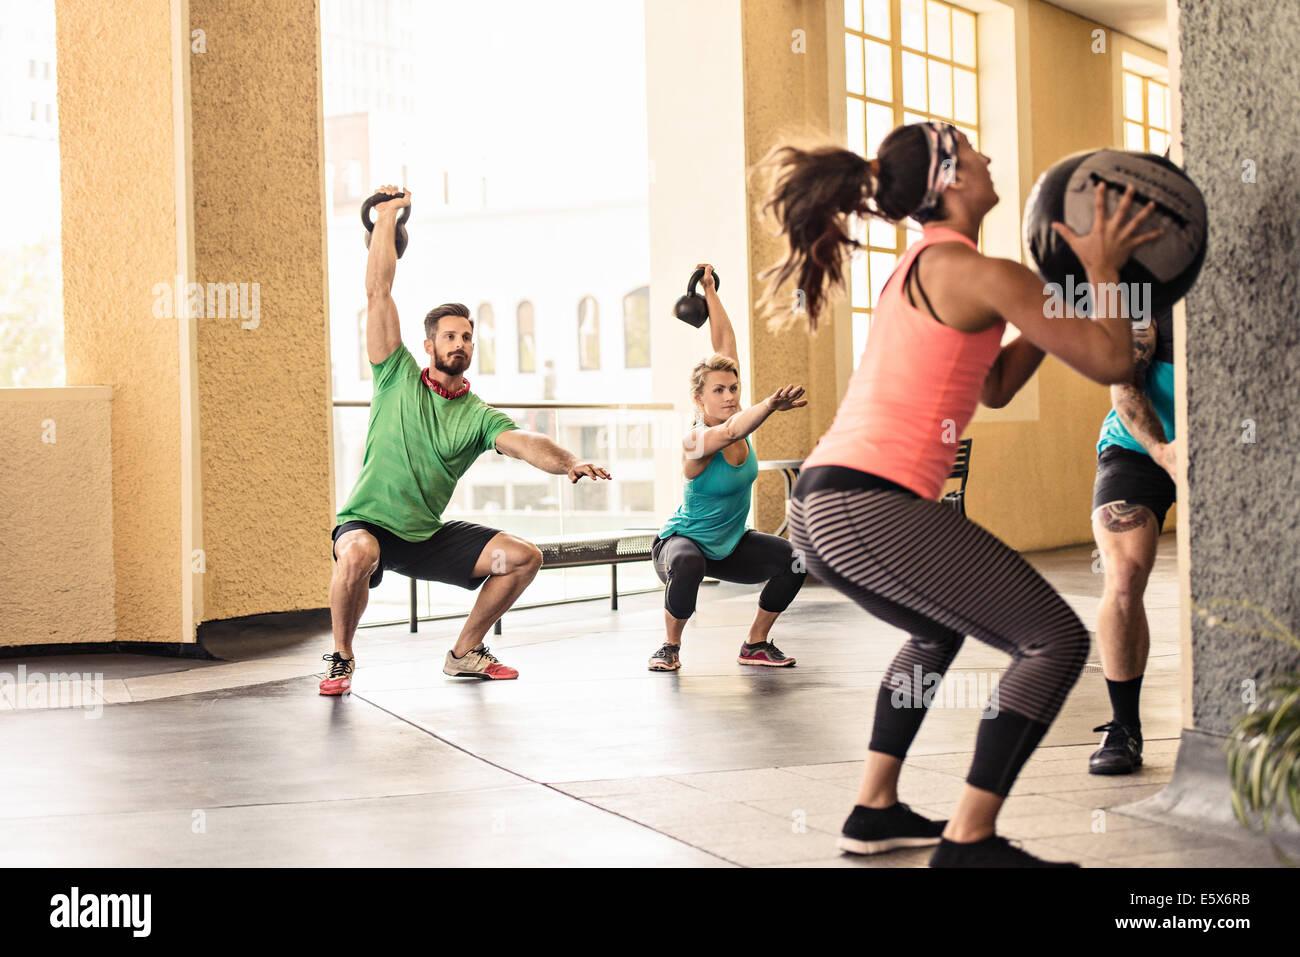 Grupo de adultos haciendo entrenar Imagen De Stock